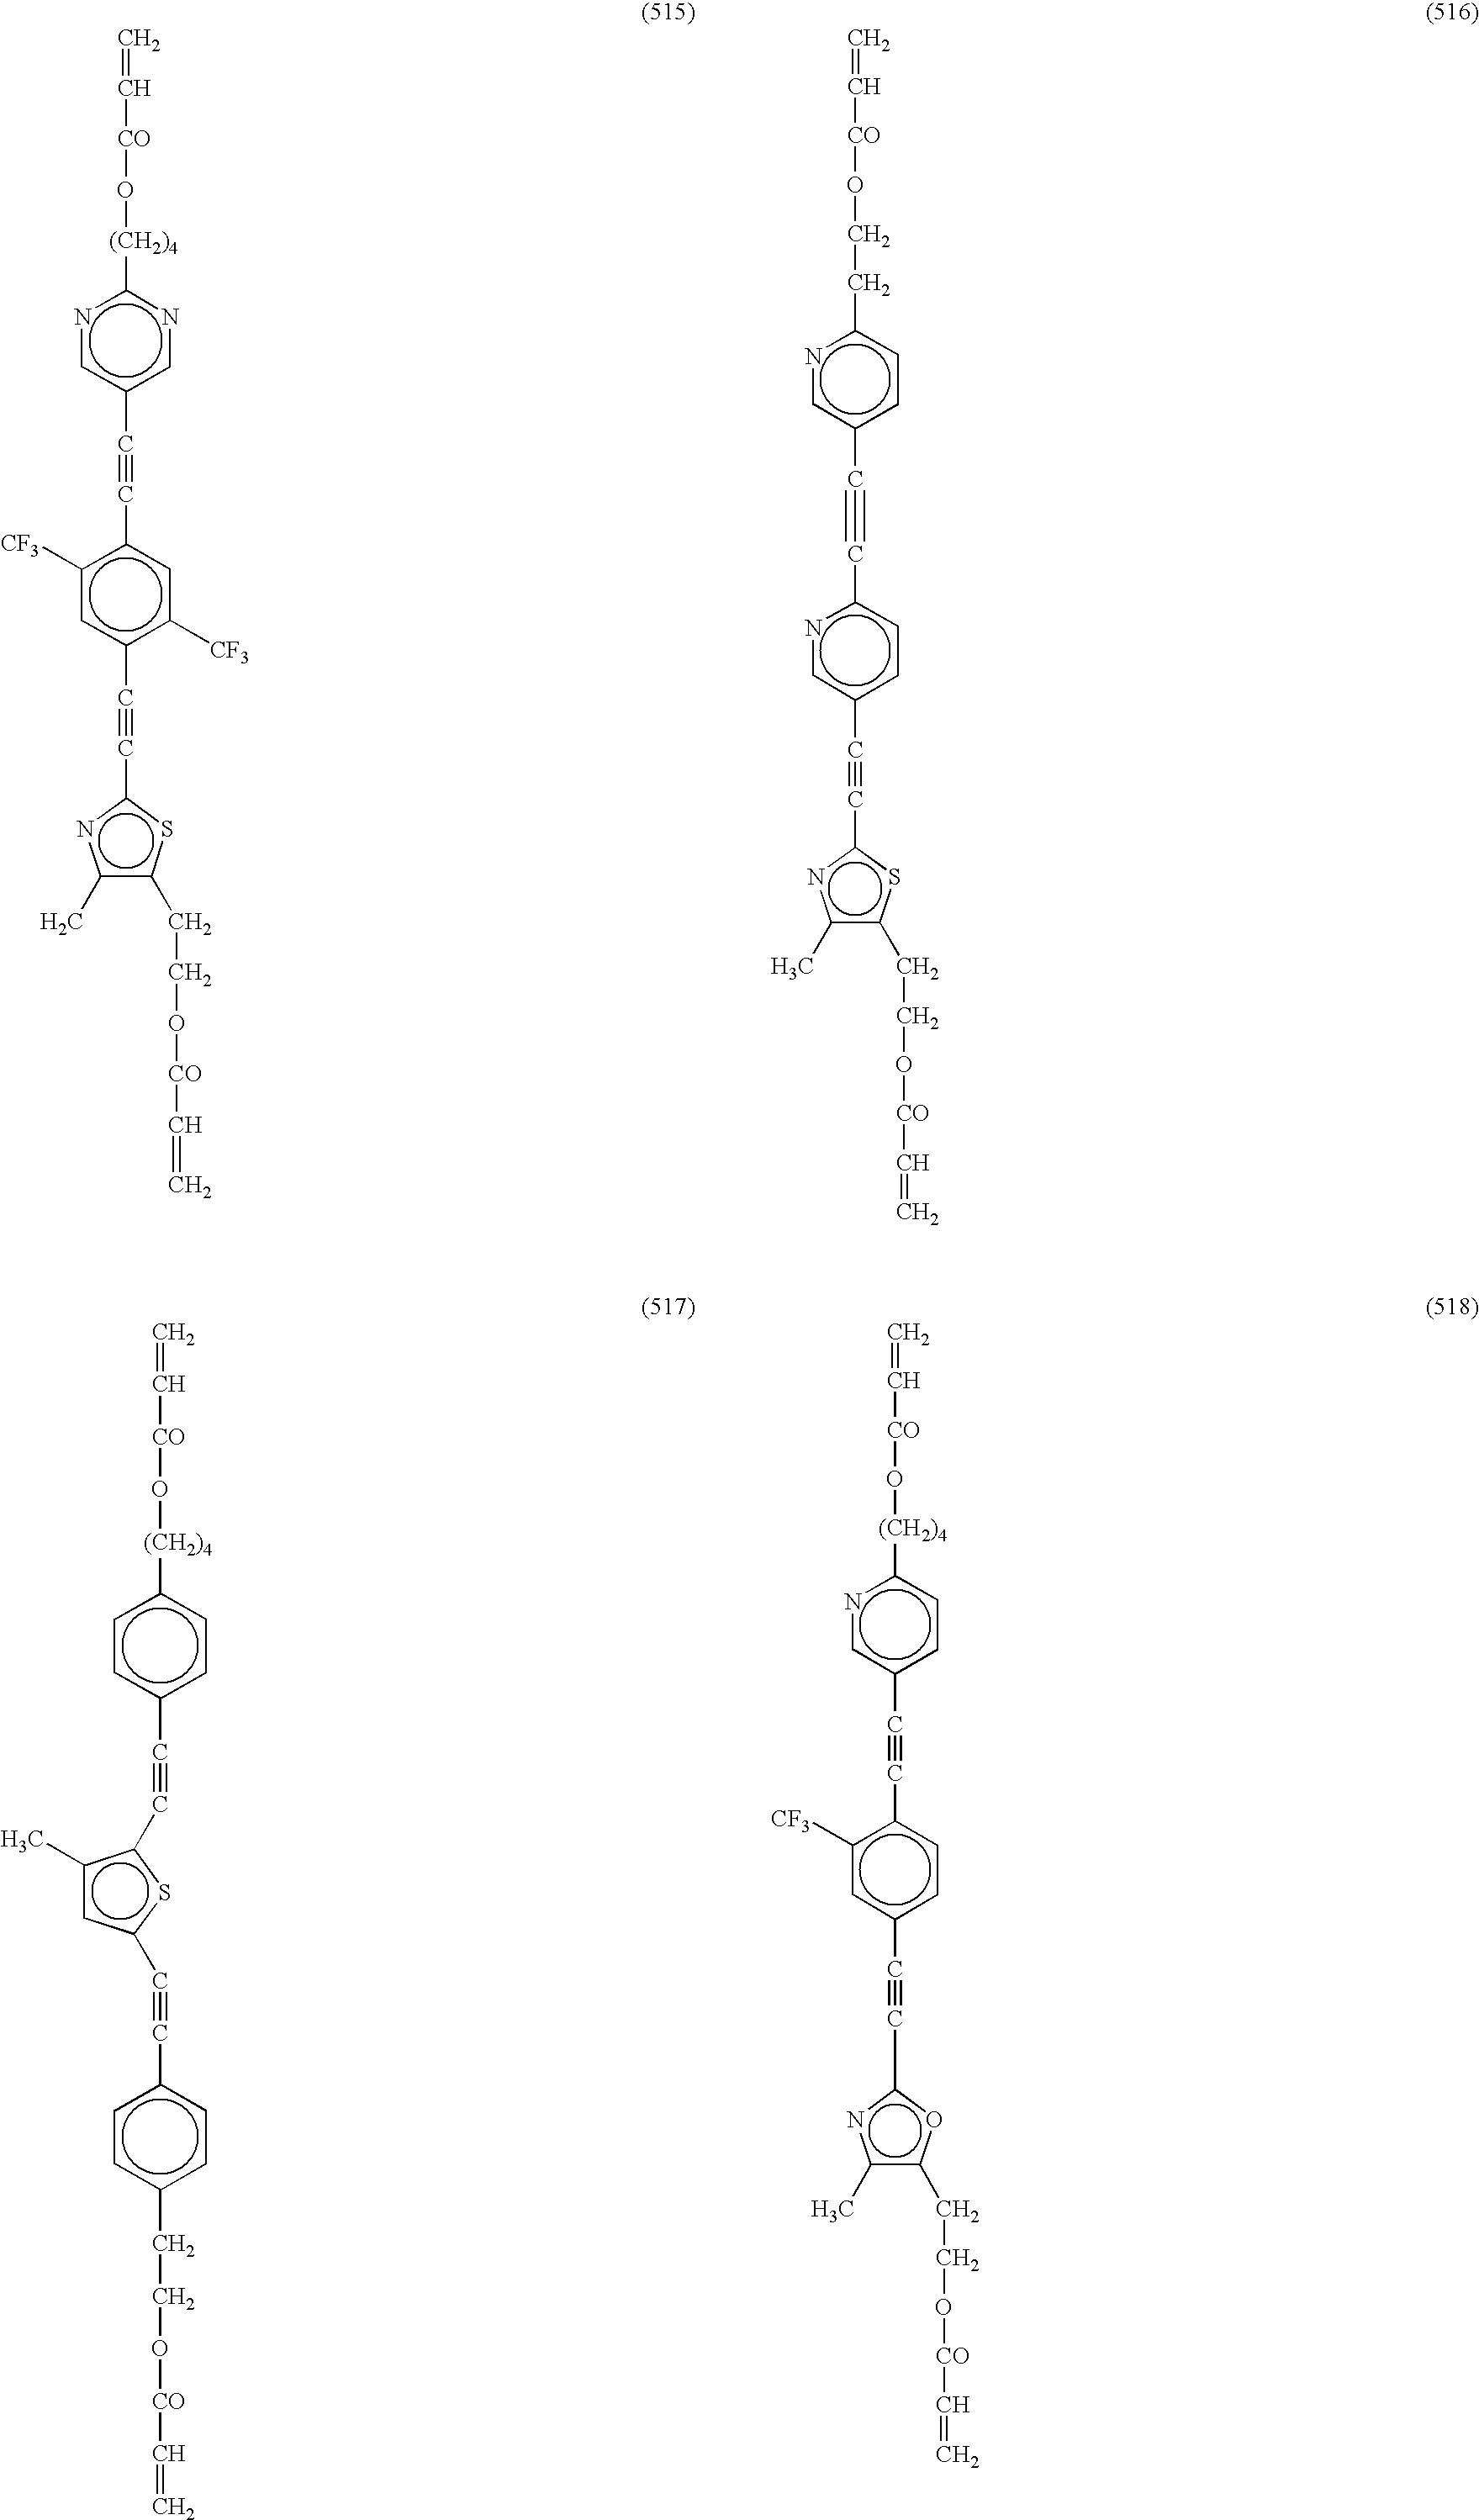 Figure US07128953-20061031-C00061